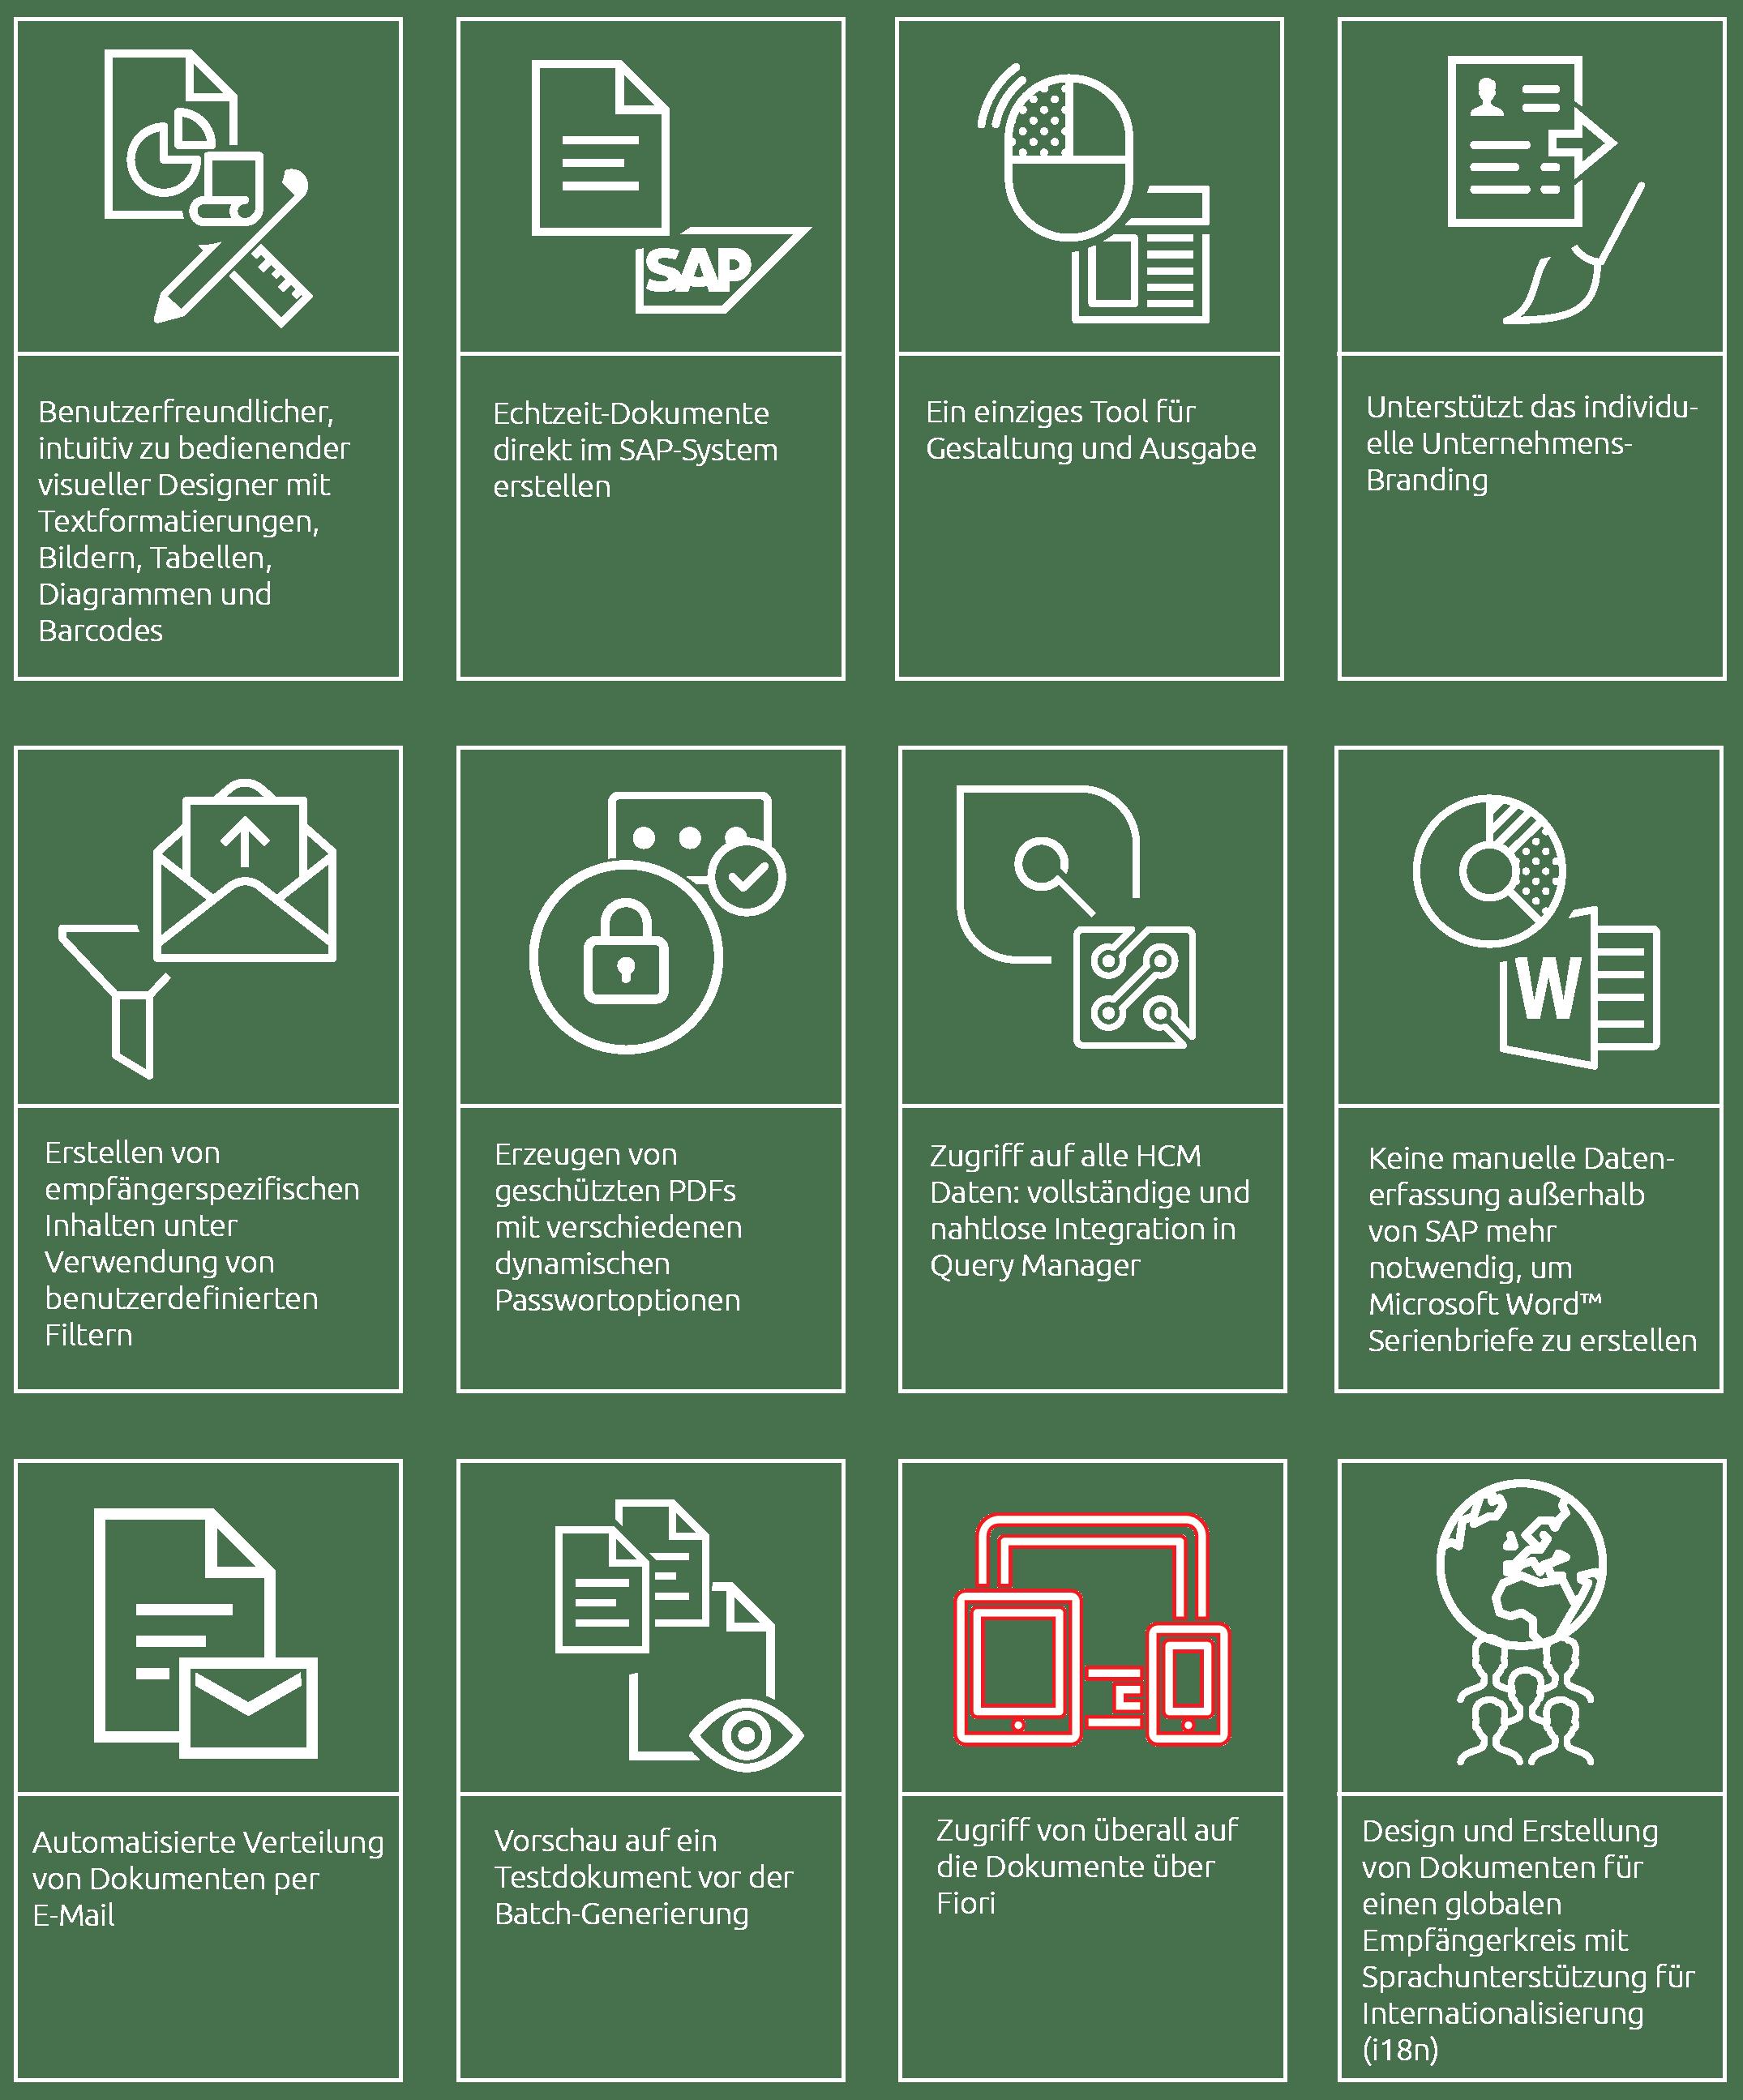 Vorteile im Überblick